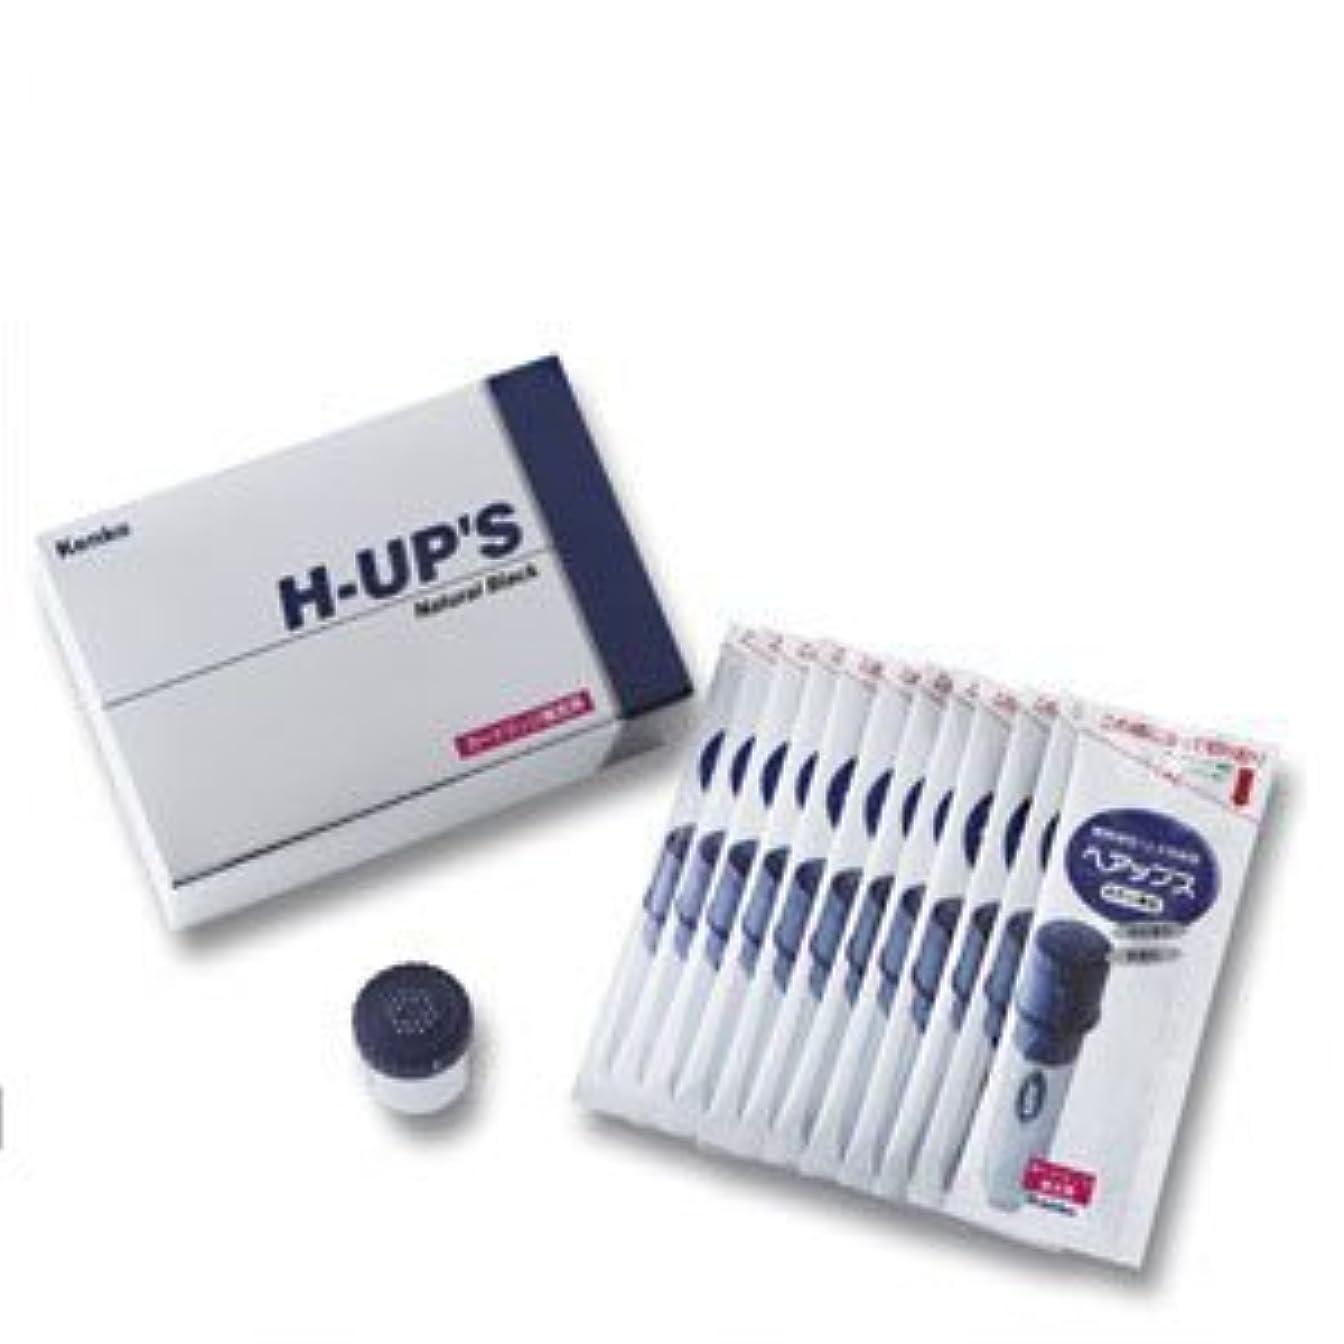 H-UP S ヘアップス 補充用カートリッジ 頭皮薄毛カバー粉末 ブラウン